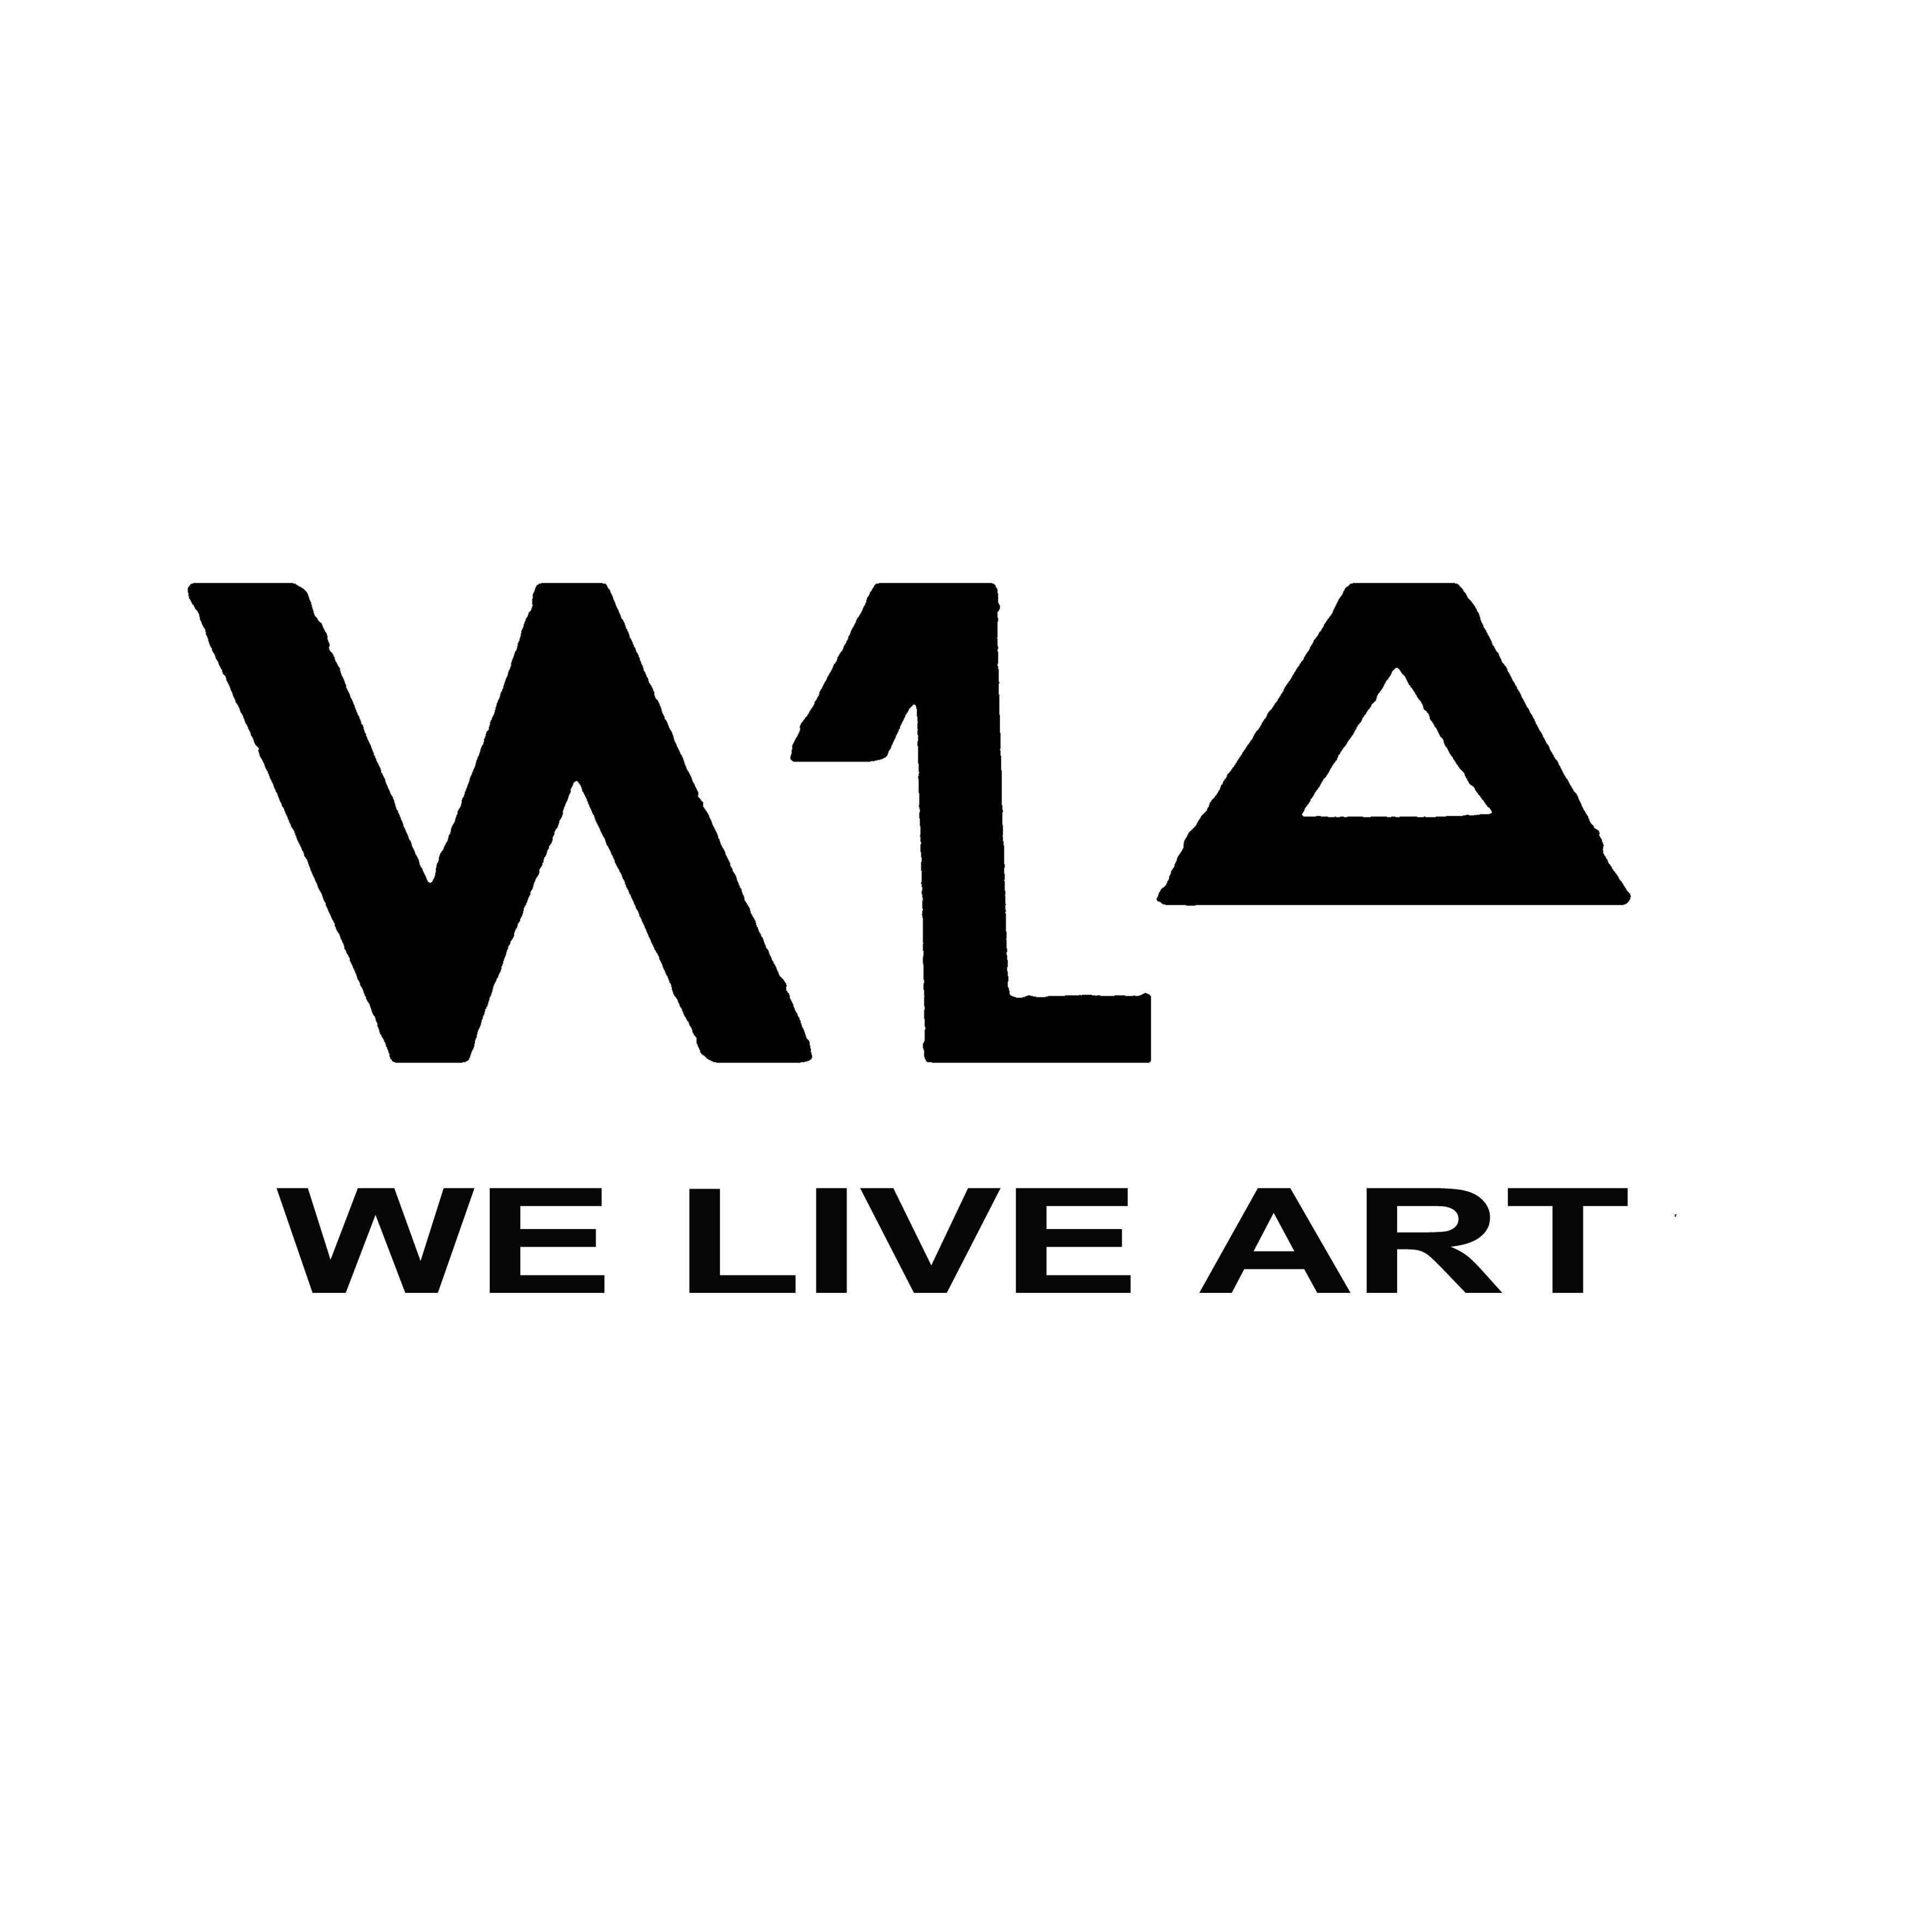 We Live Art